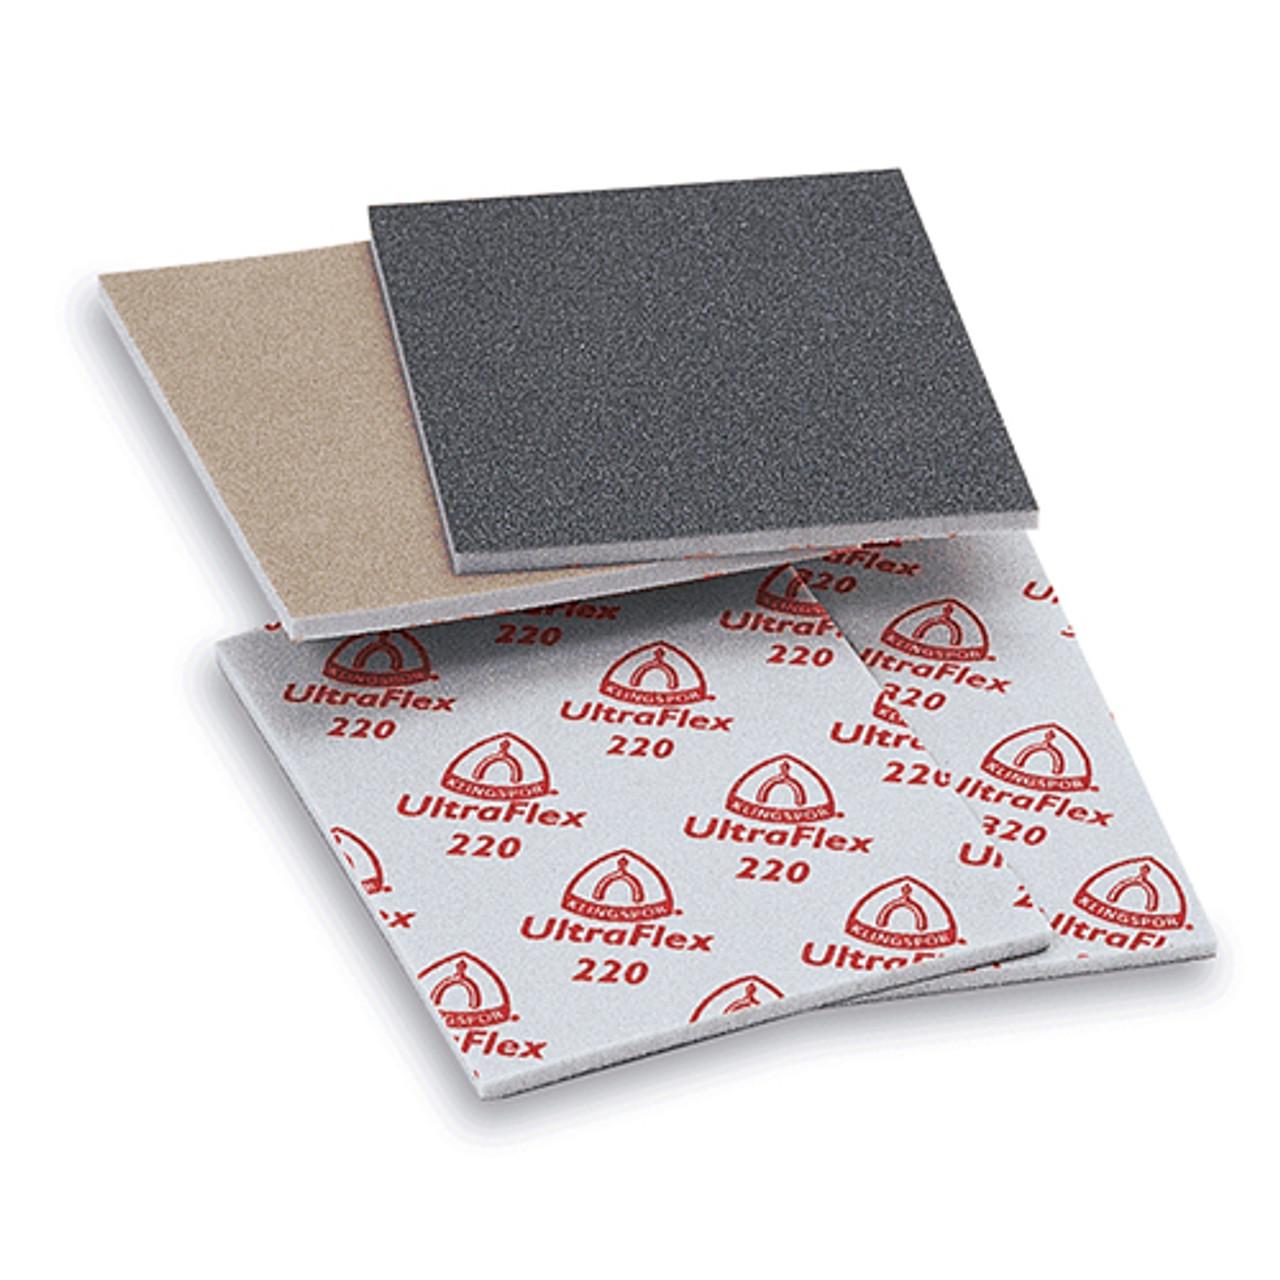 """Klingspor Abrasives Aluminum Oxide UltraFlex Sanding Pads, 4.5""""X 5.5""""X 1/4"""" Thick, 120 Grit, 10PK"""